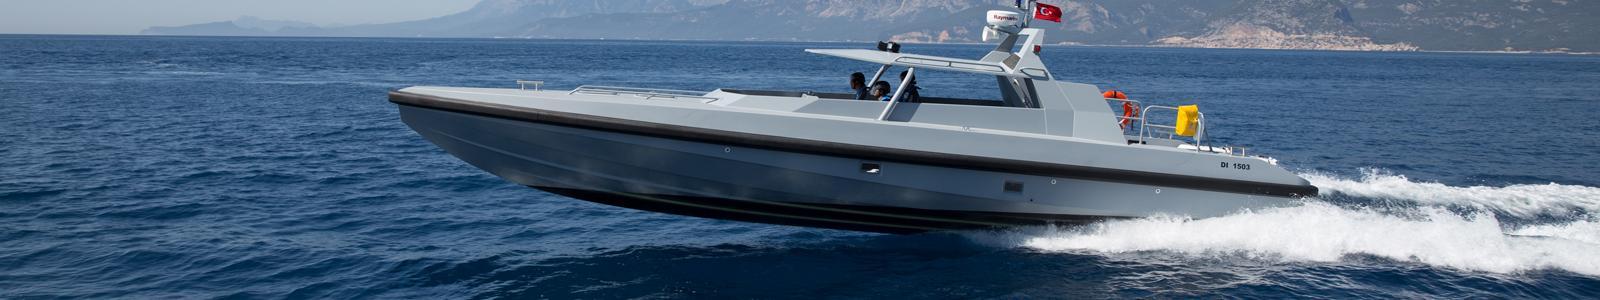 Fenders for Damen Antalya - HSC 1503